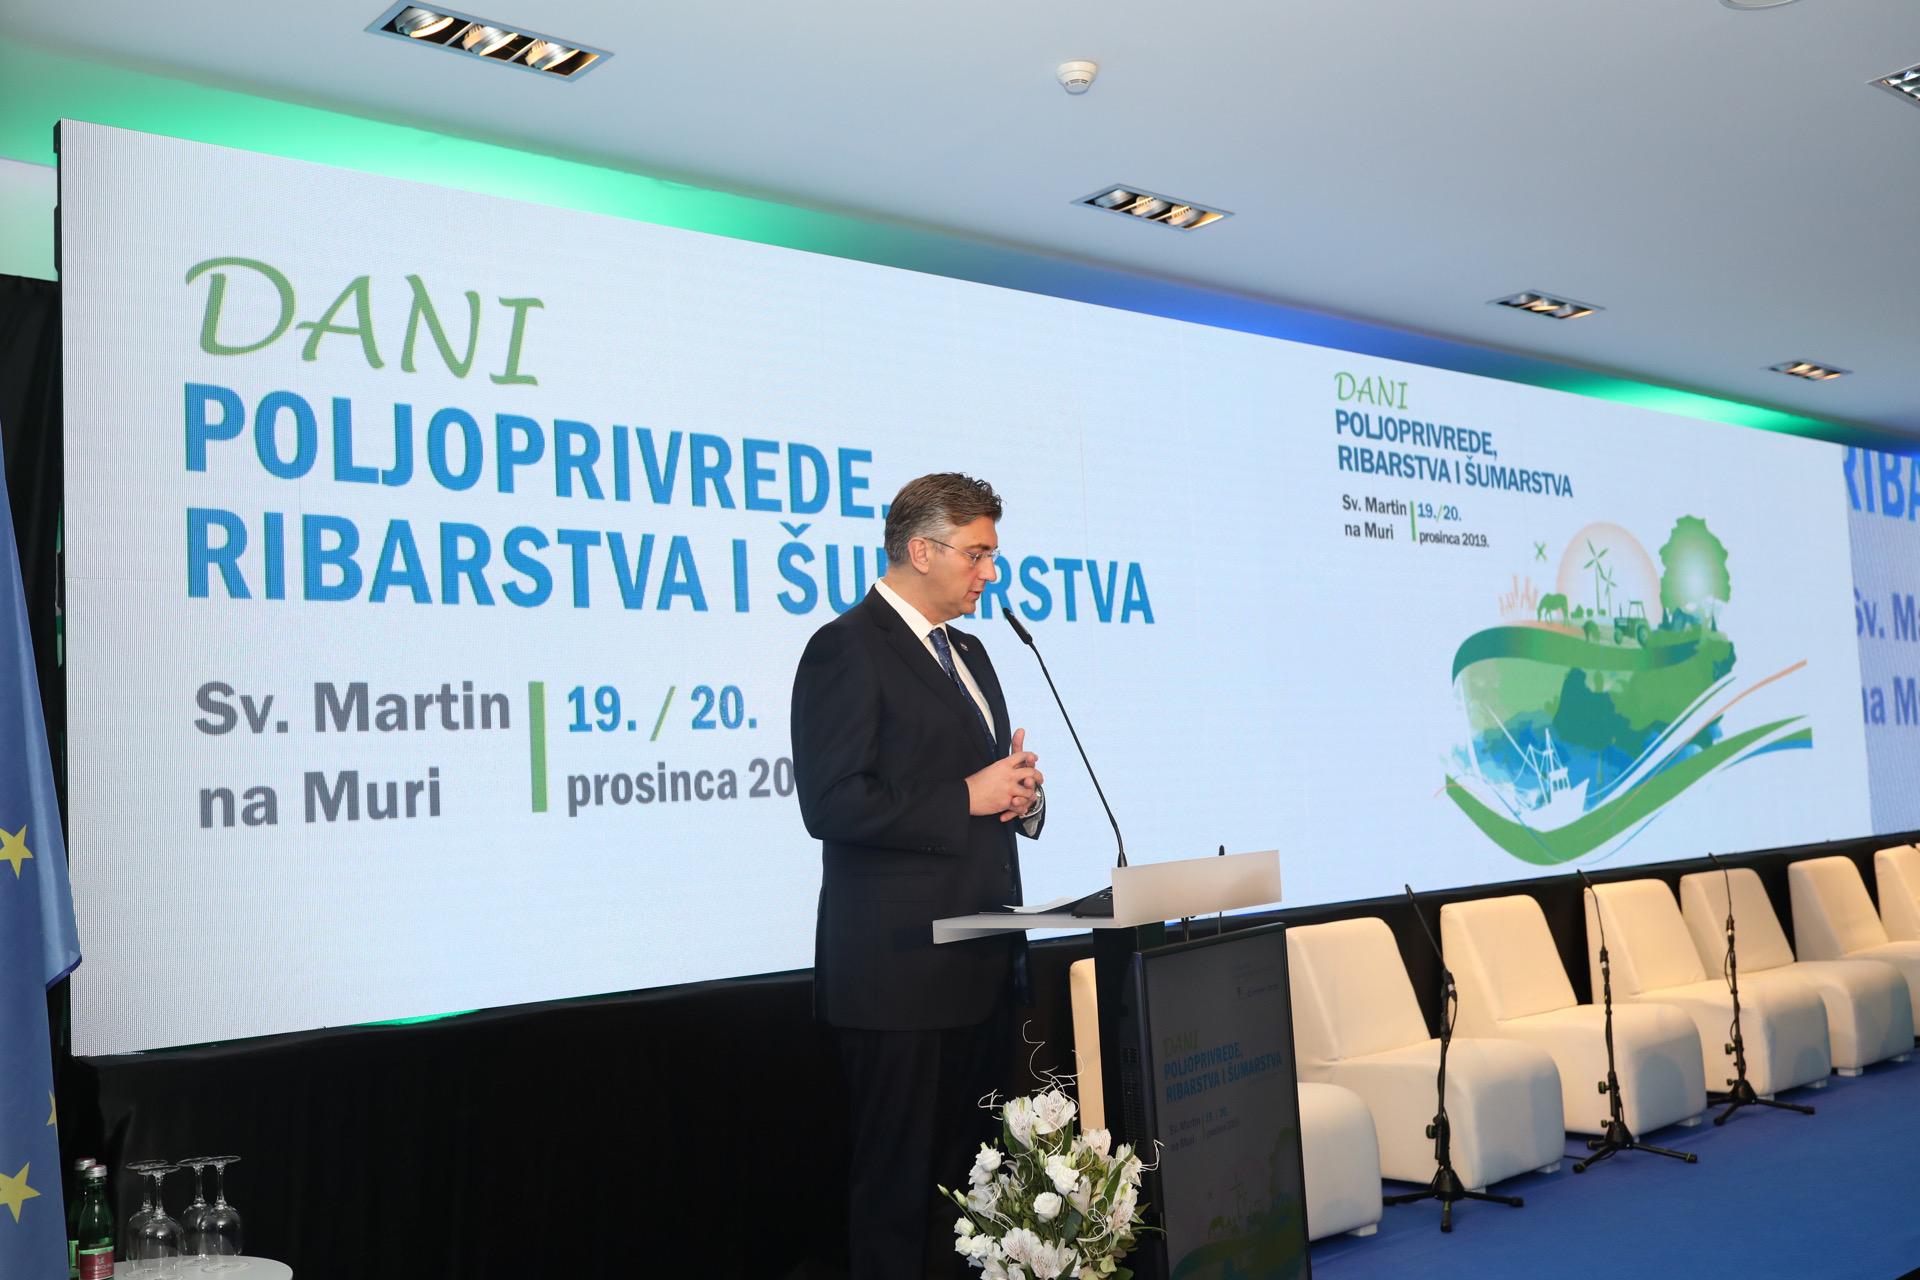 Hrvatski premijer Andrej Plenković na konferenciji Dani poljoprivrede, šumarstva i ribarstva, 19. i 20. prosinca u Svetom Martinu na Muri